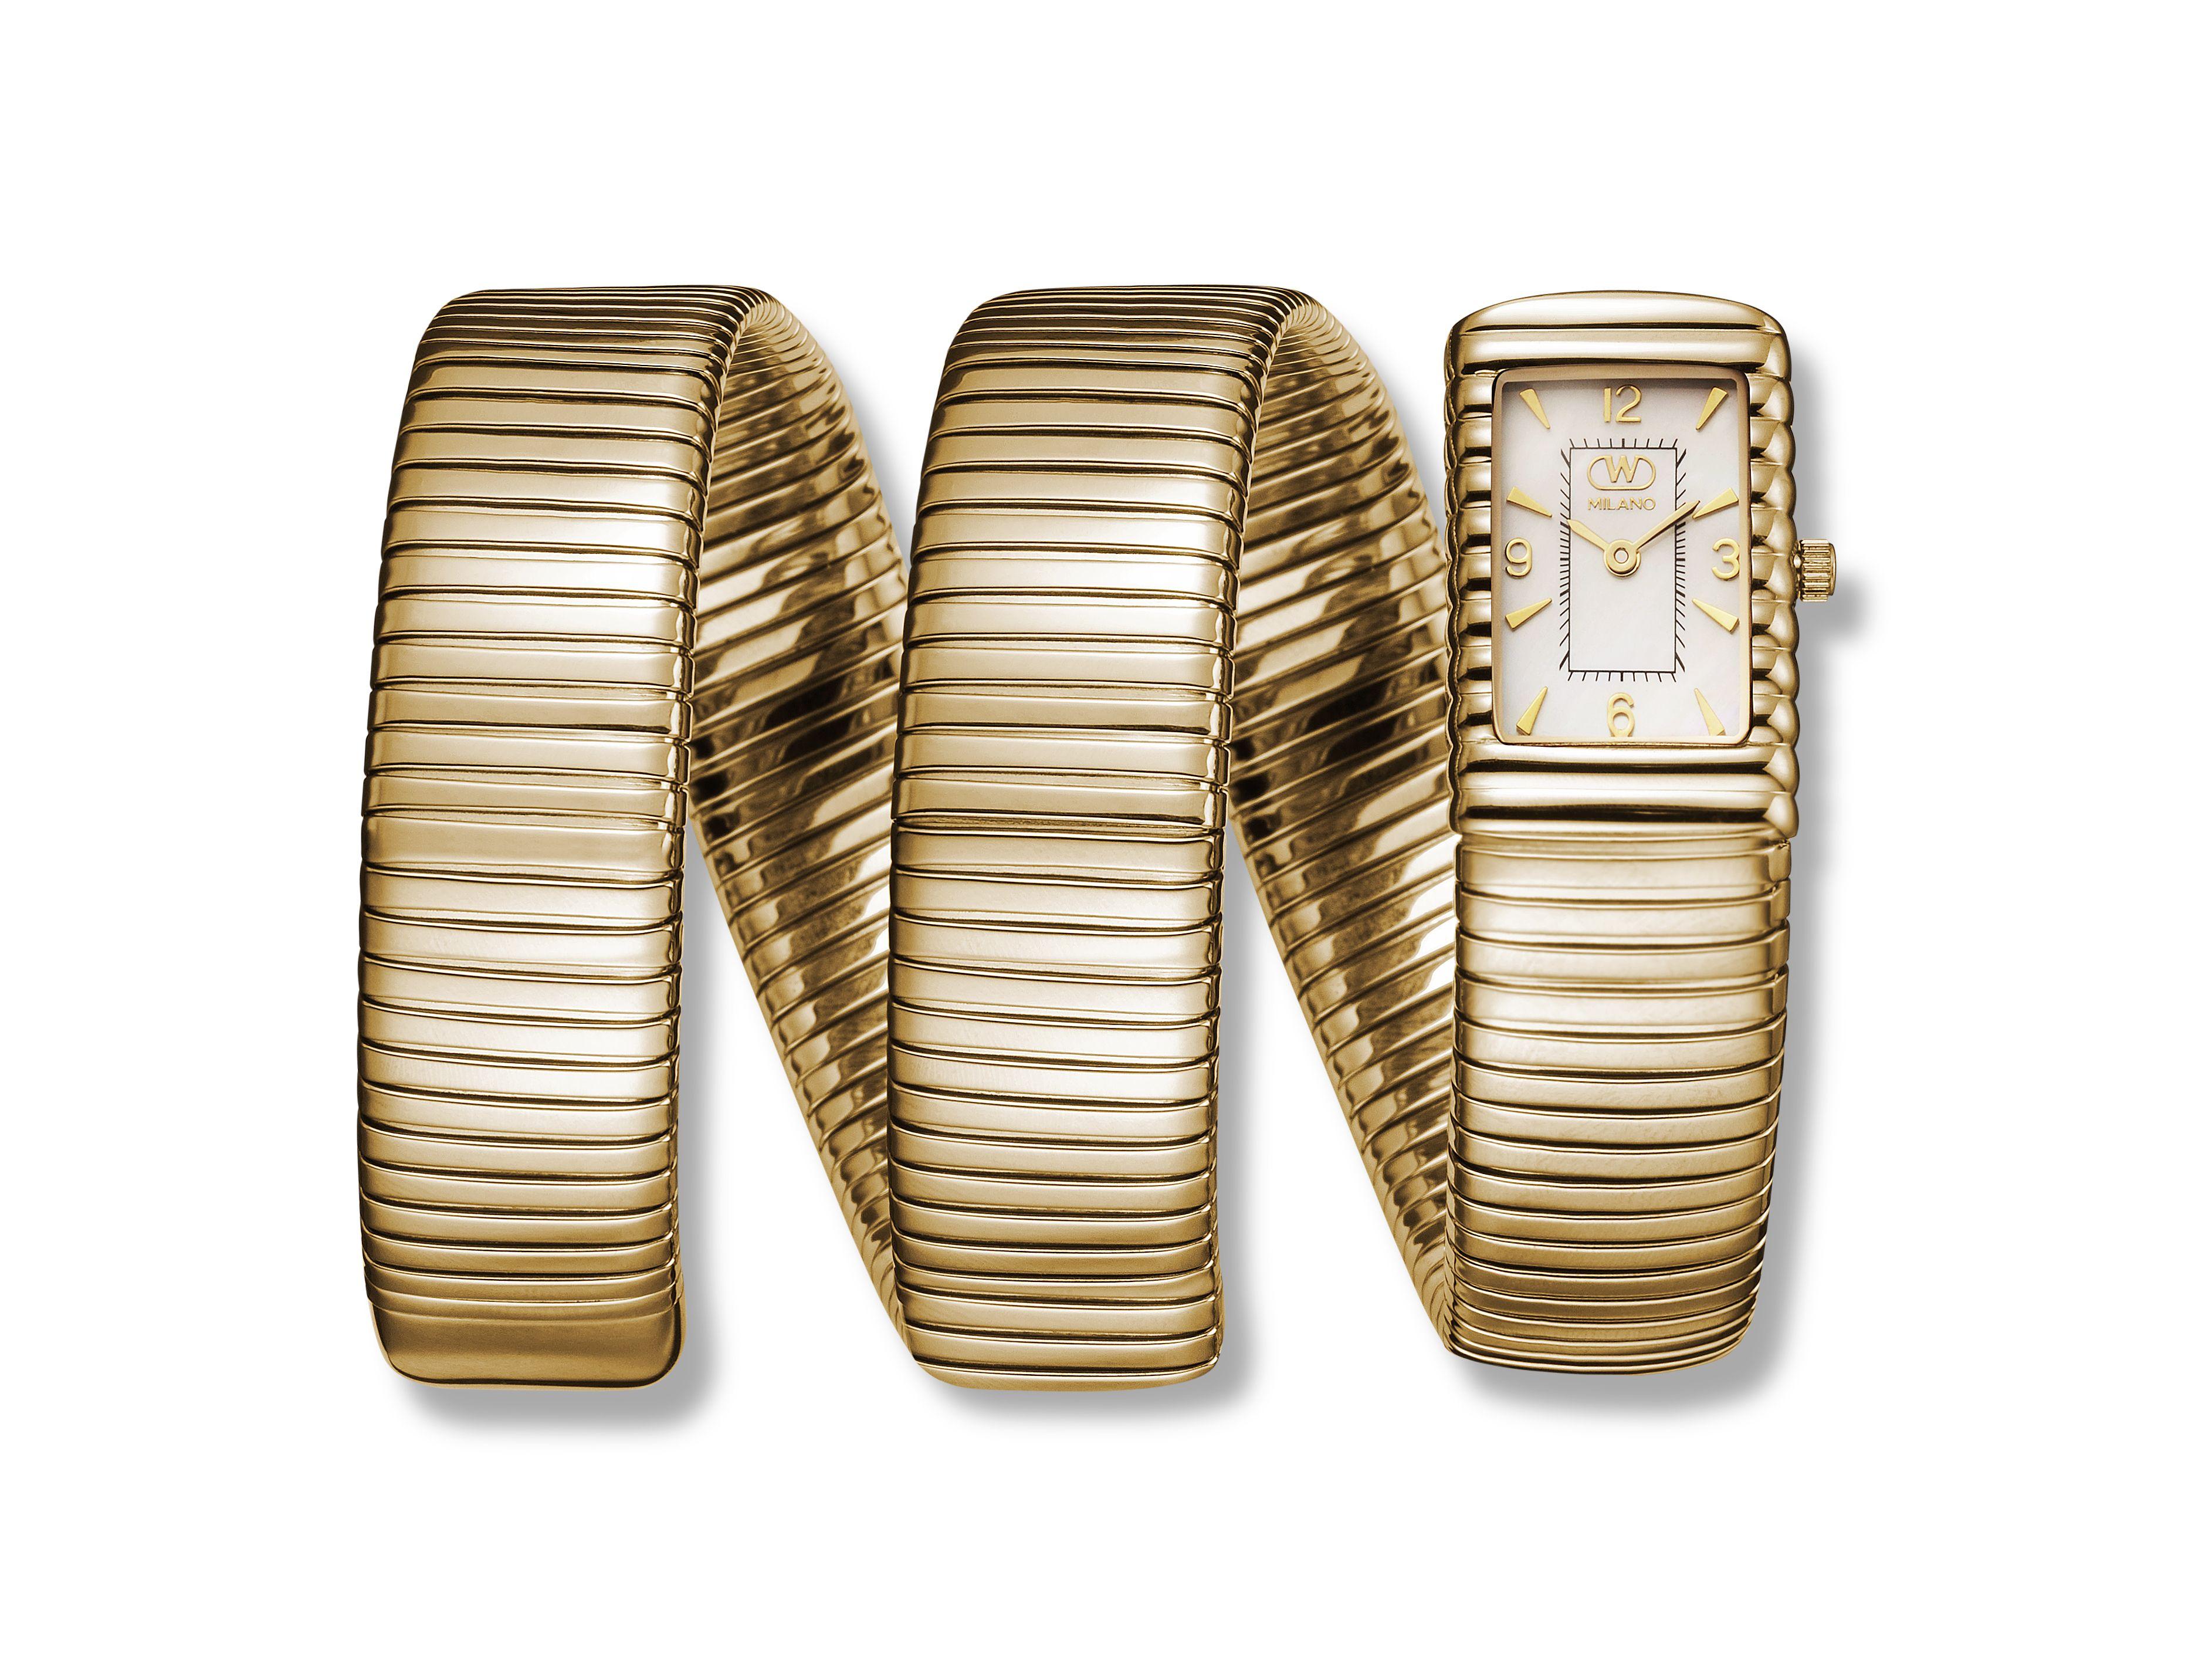 Luxurious Wintex Milano Snake Watch Bracelet